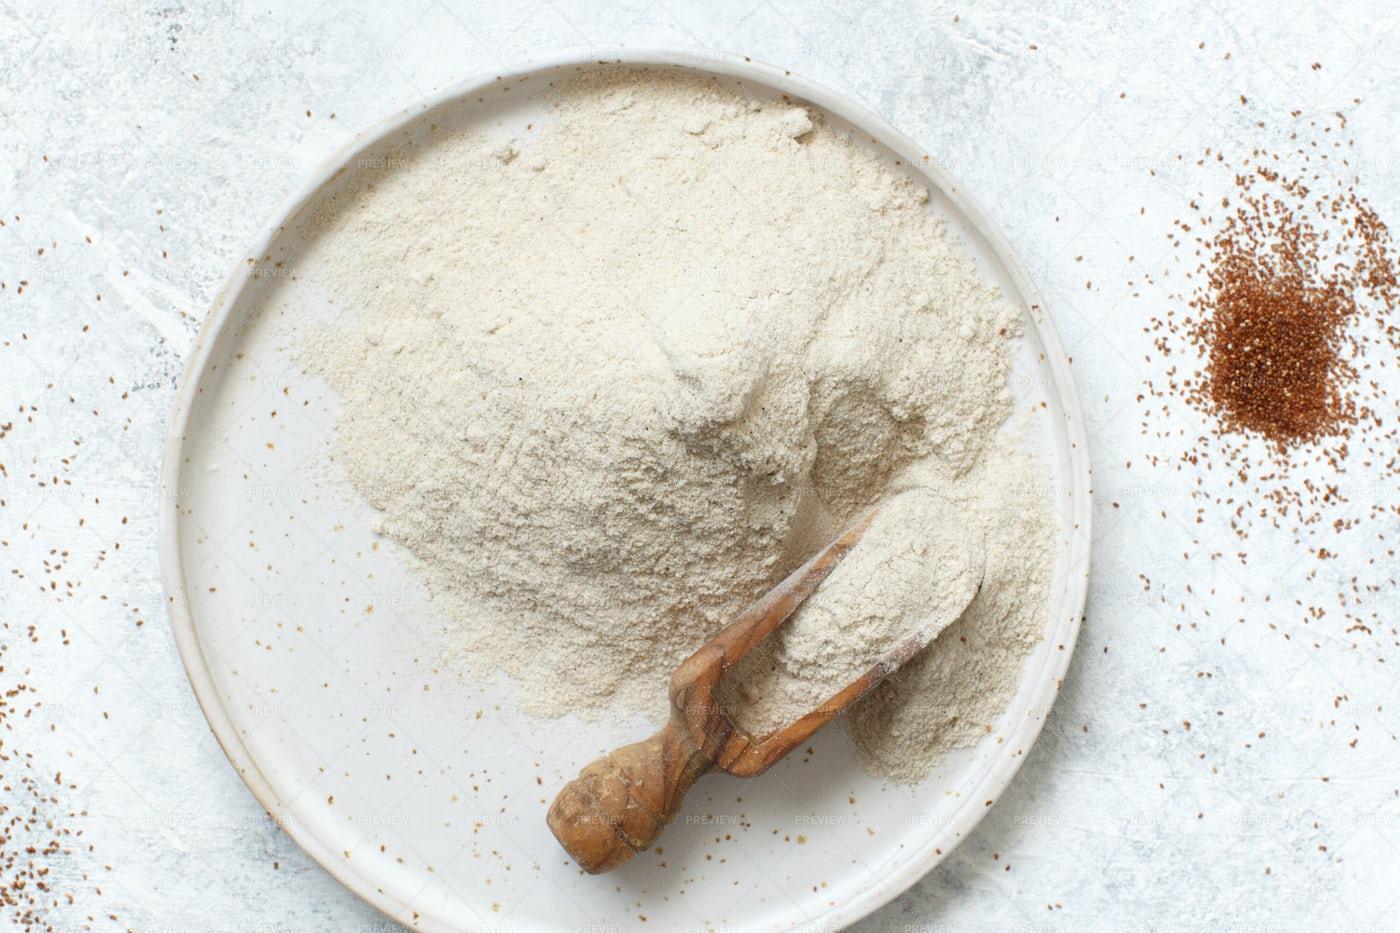 Teff Flour: Stock Photos